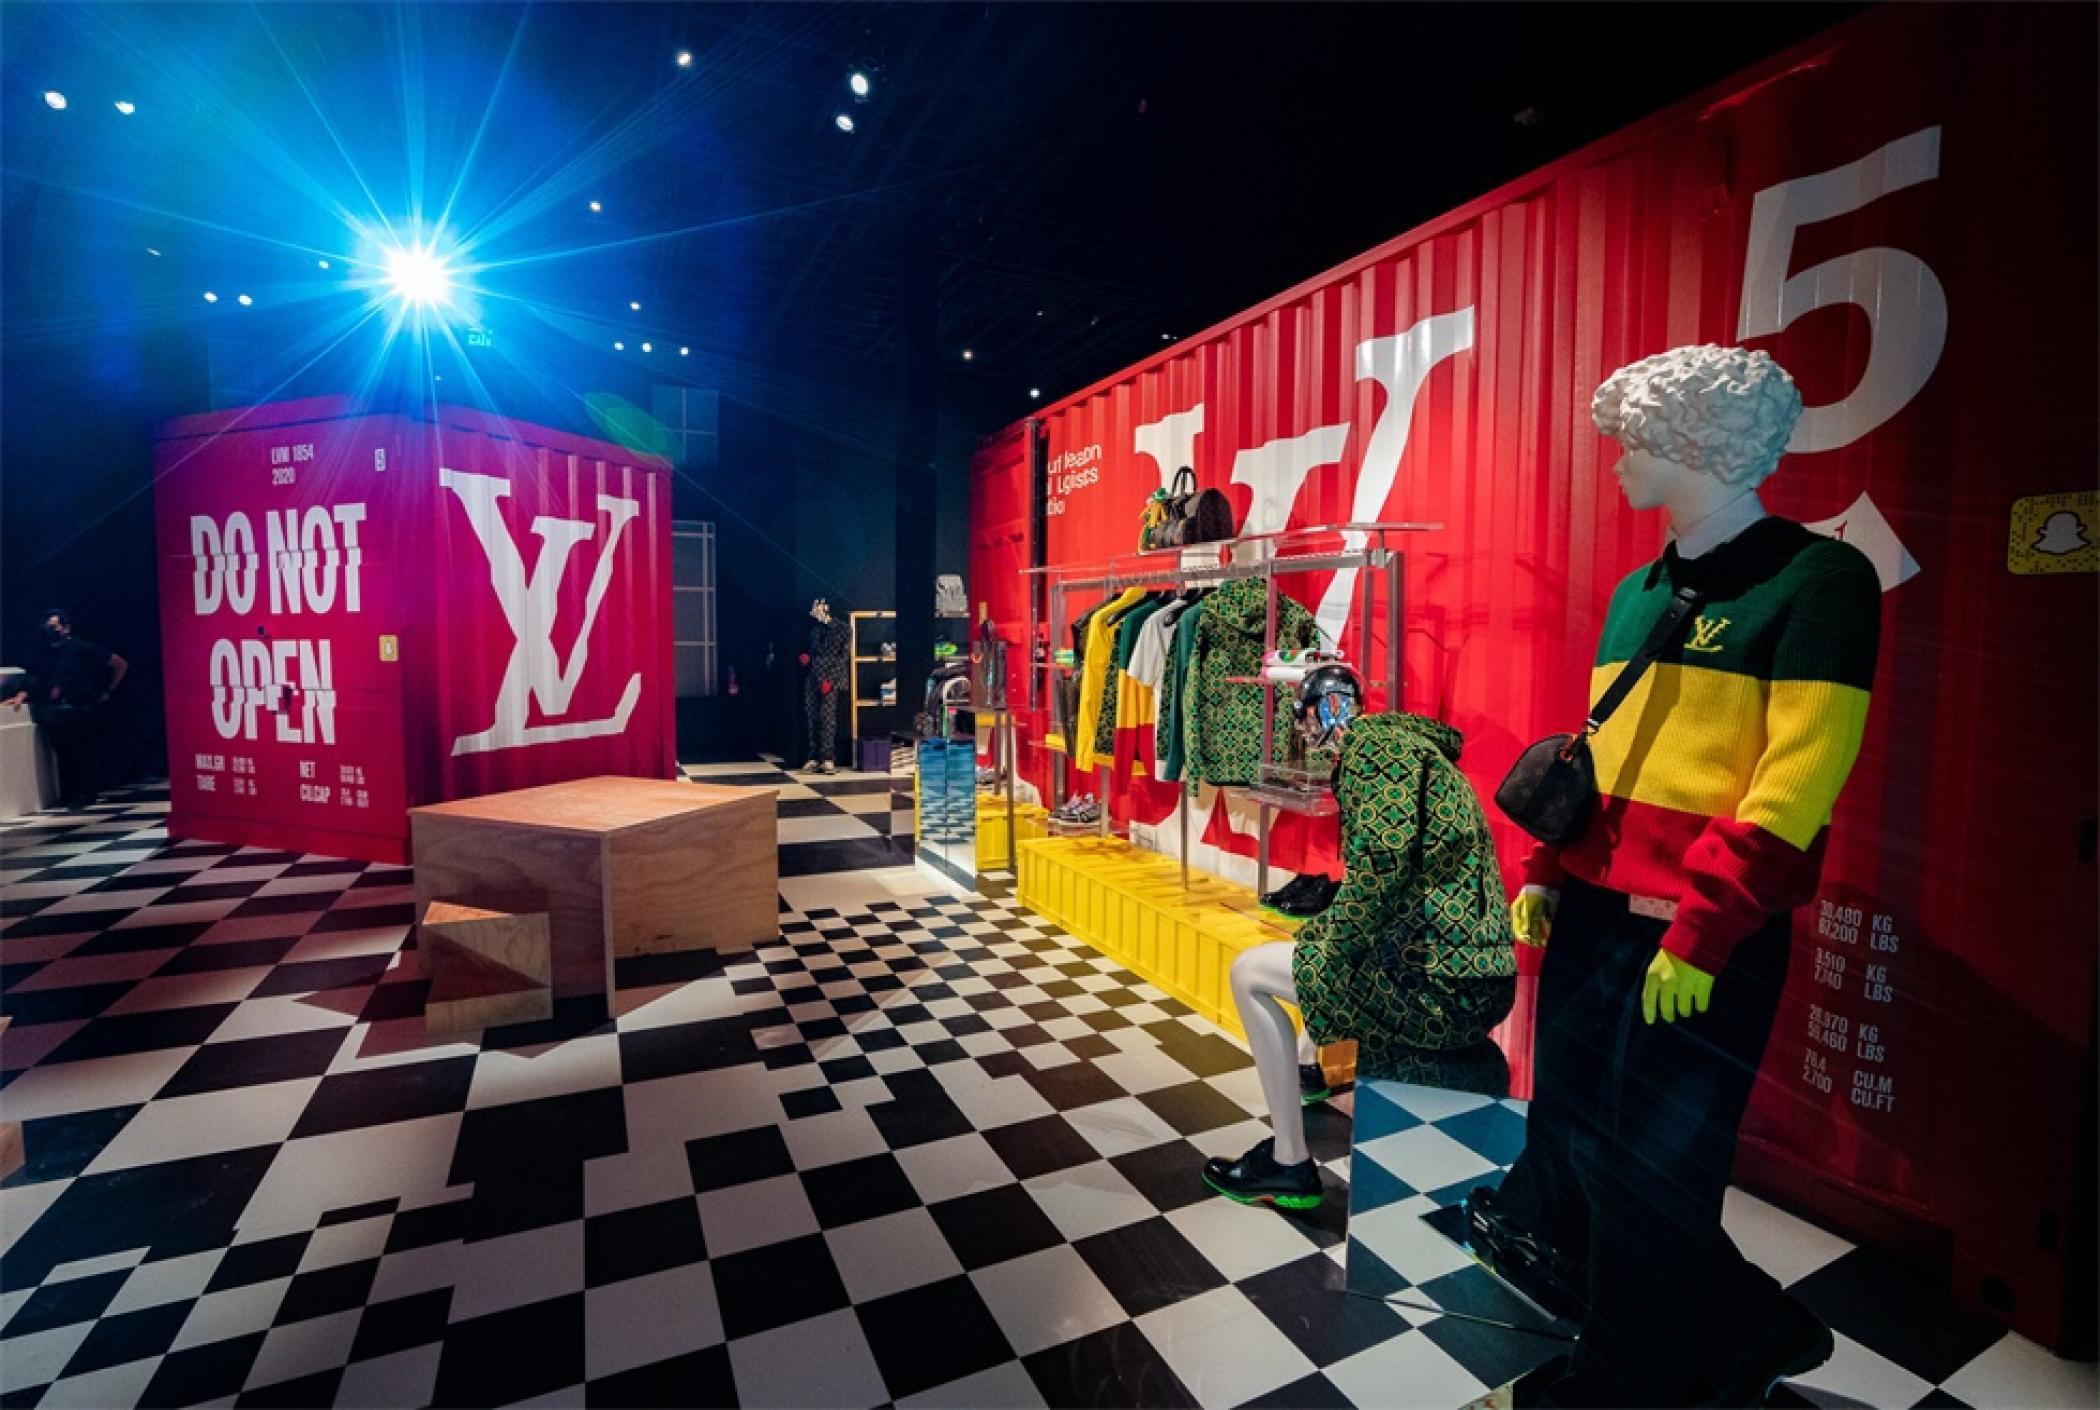 「路易.威登男人的临时居所」艺术展示活动策划的鲜红集装箱入口亮了